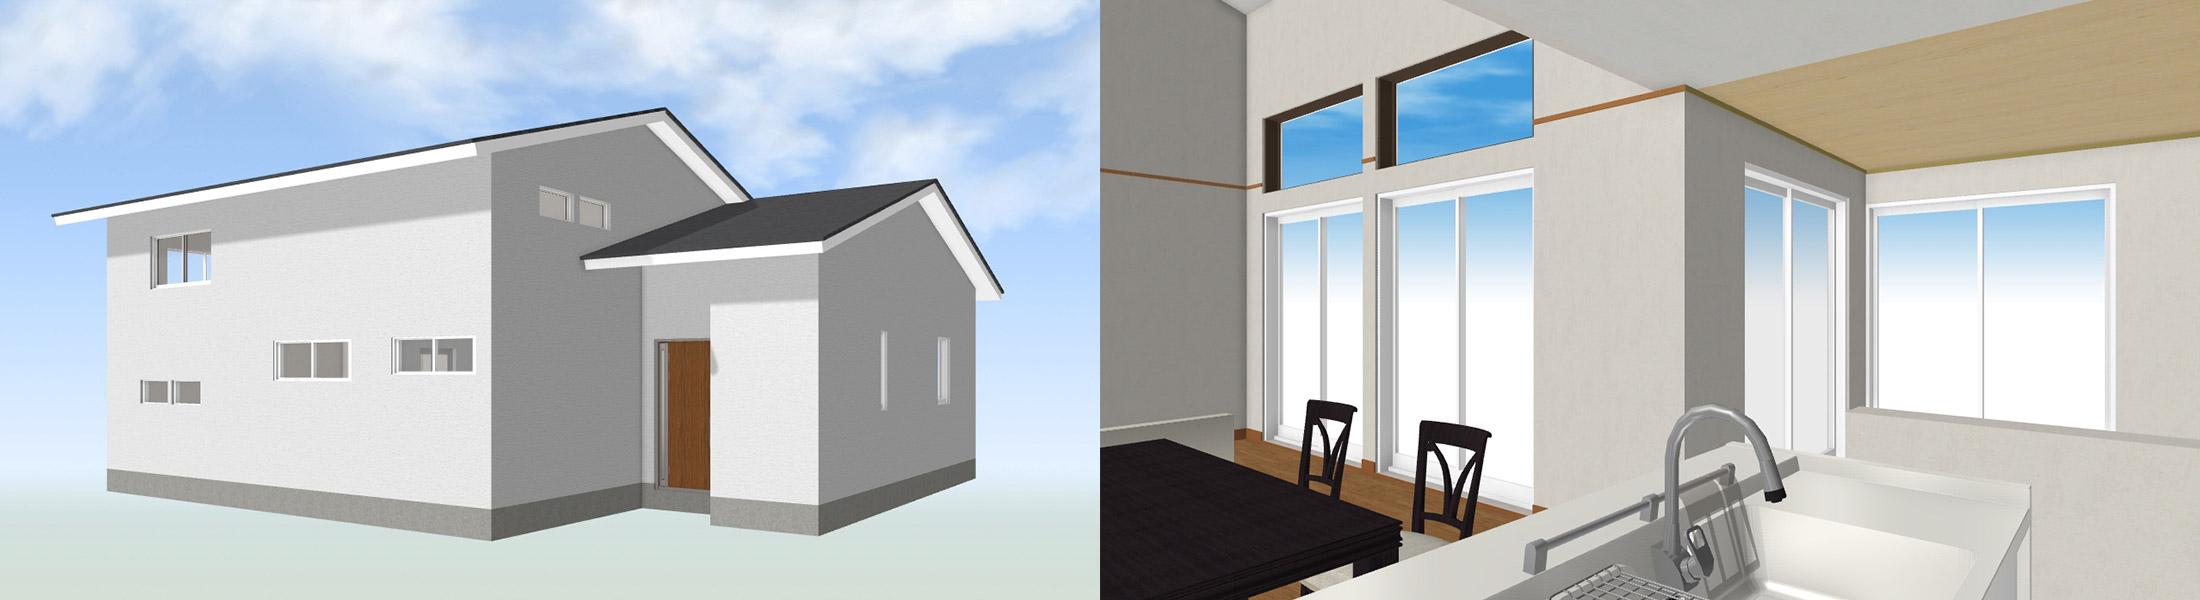 3D立体画像による外構プラン提案とは